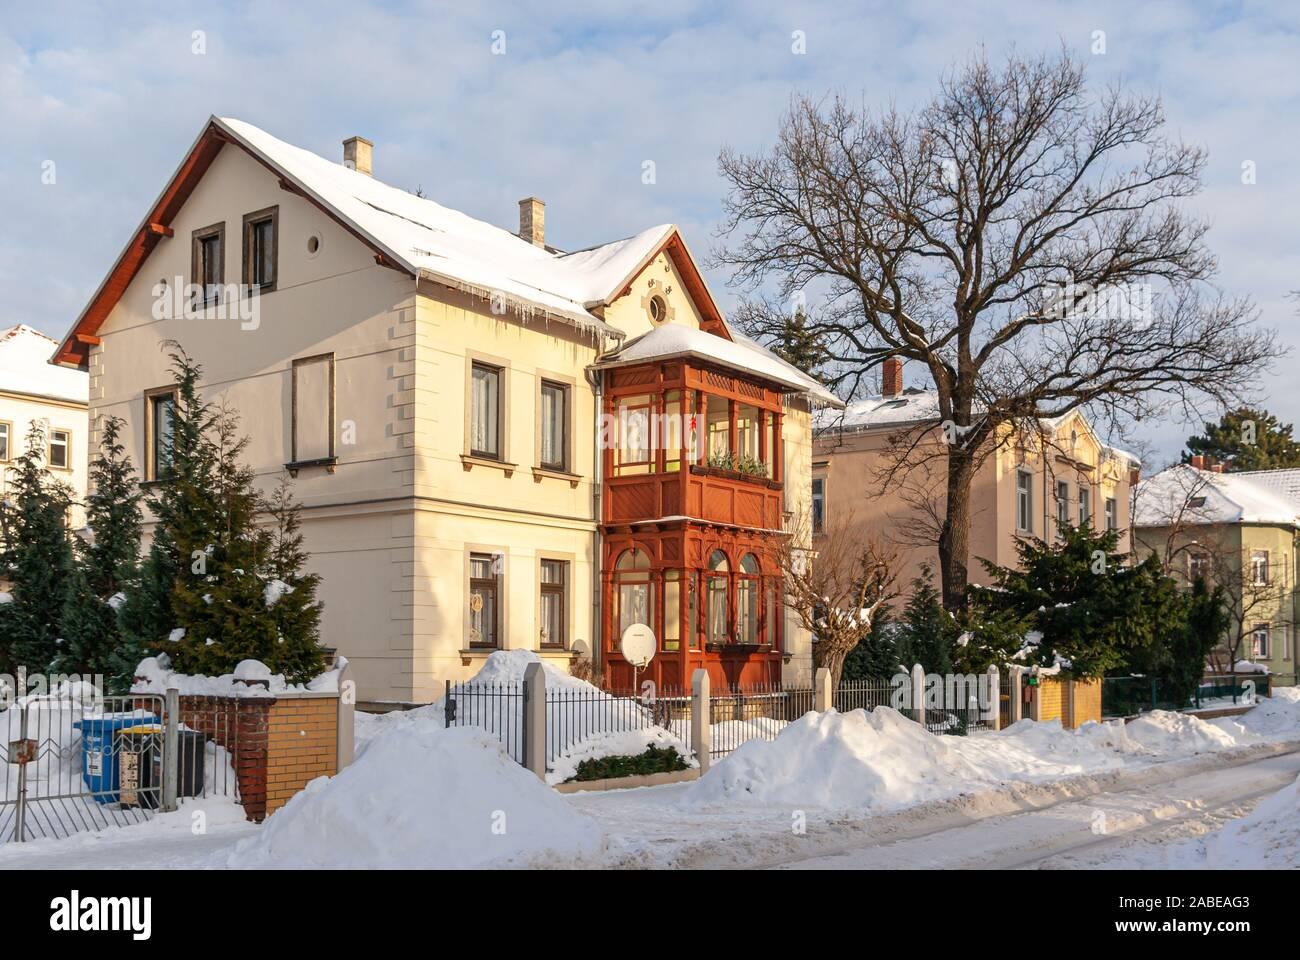 Verschneite Straße und die Stadt Villa nach einem schweren Wintereinbruch im Stadtteil Klotzsche Dresden, Sachsen, Deutschland. Stockfoto